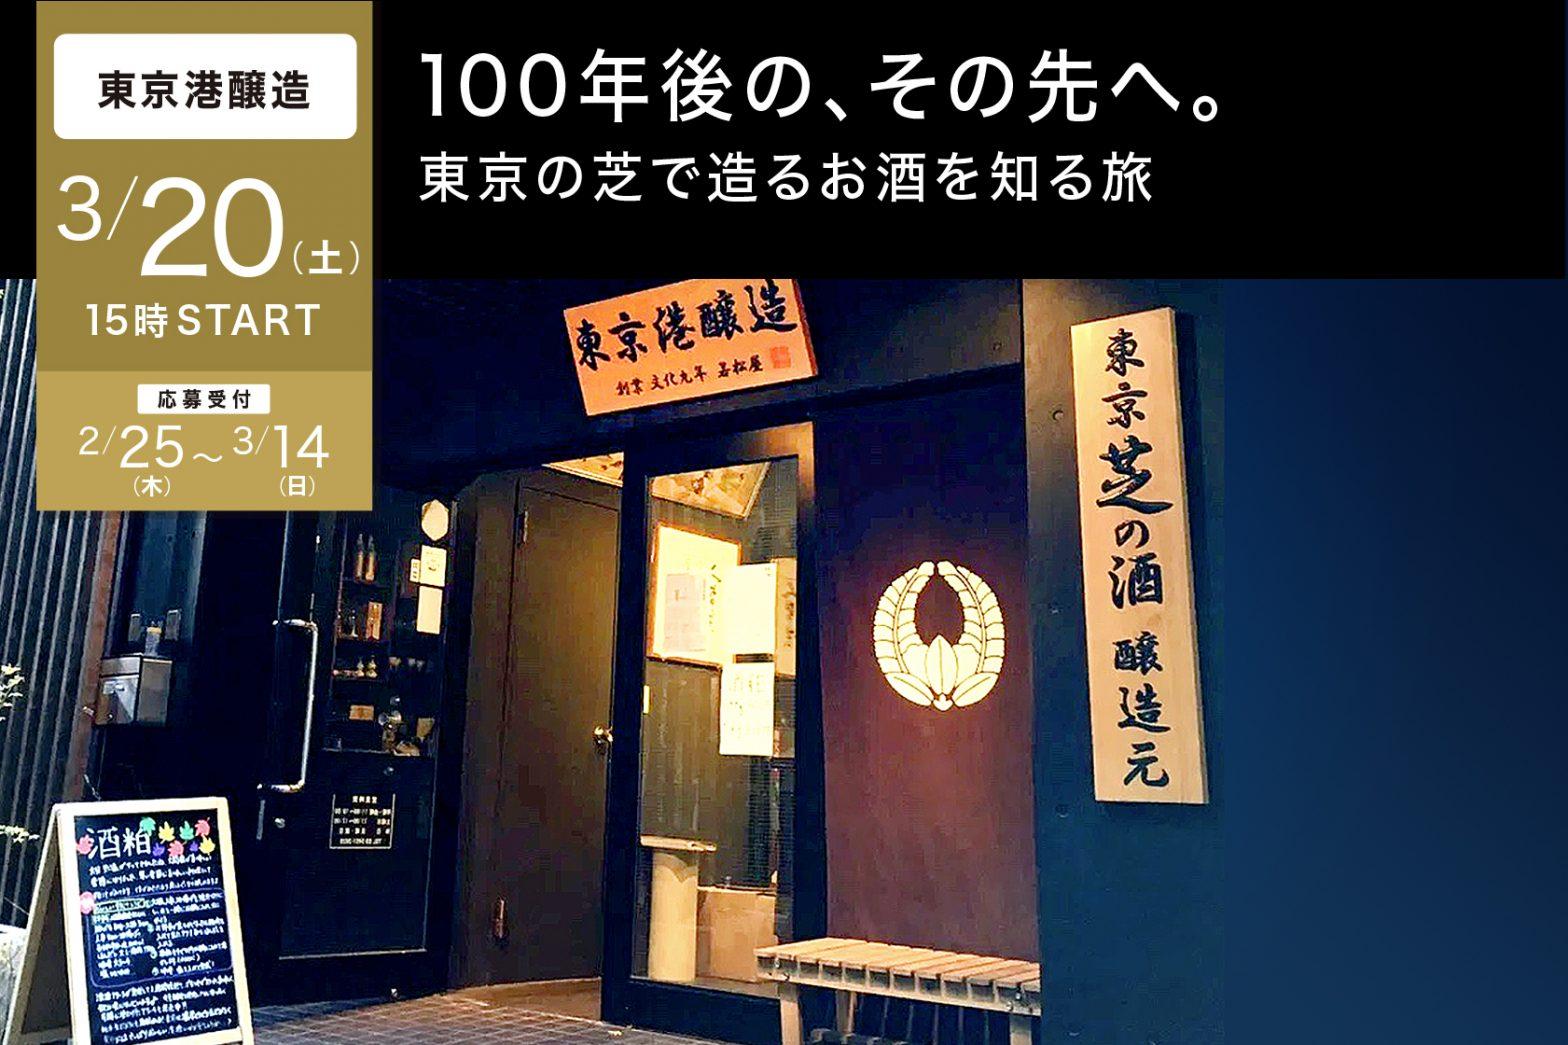 3/20 100年後の、その先へ。東京の芝で作るお酒を知る旅